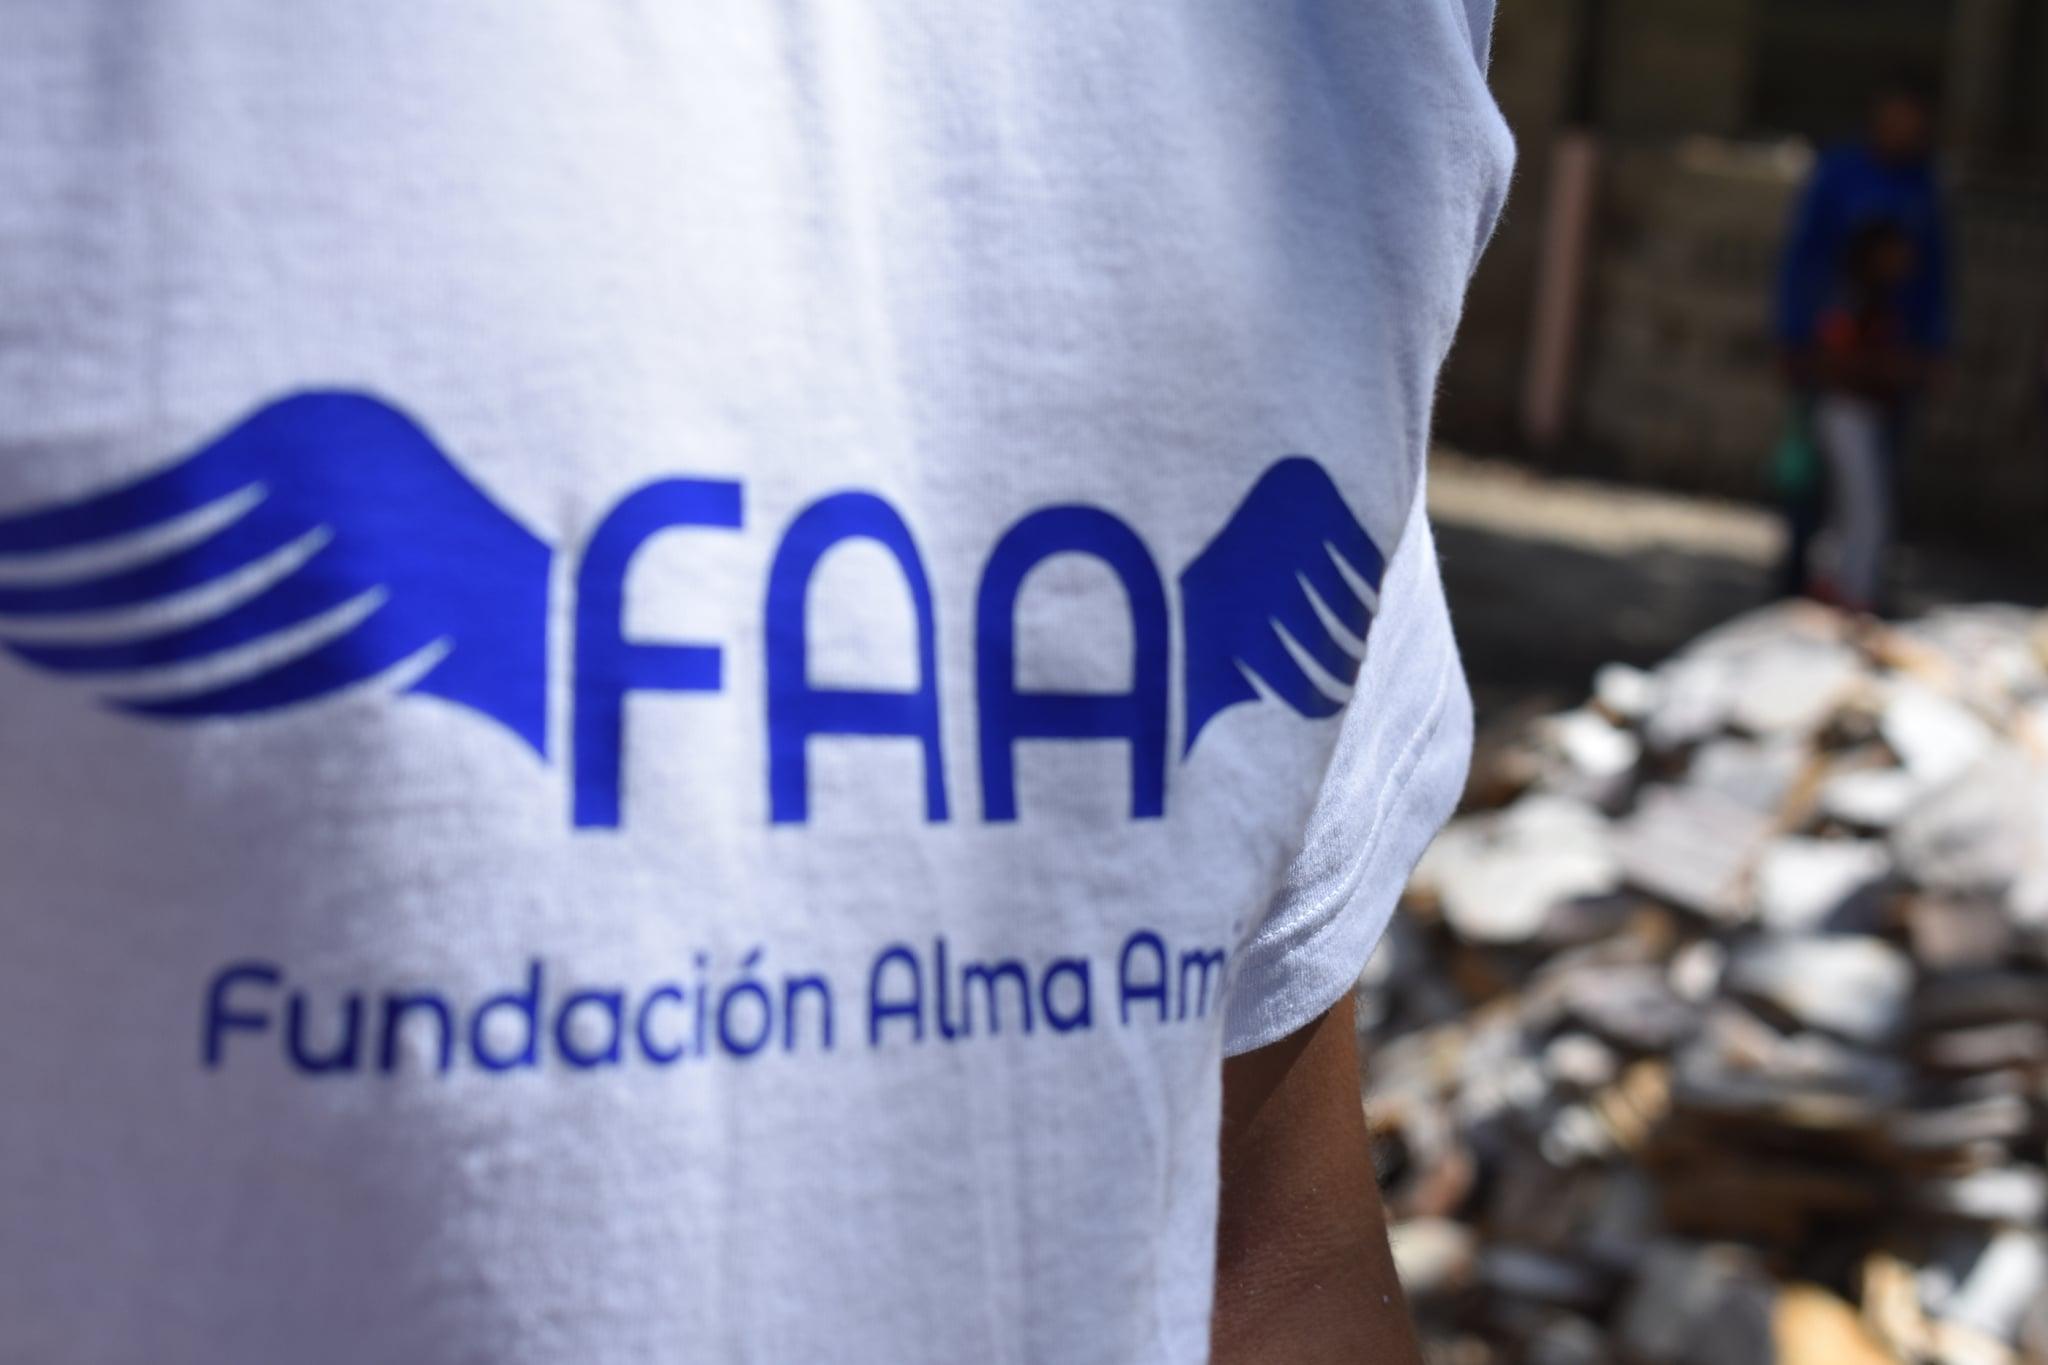 170152643 173331217951003 1618224143313248449 n1 - Forma parte del equipo de Fundación Alma Amiga